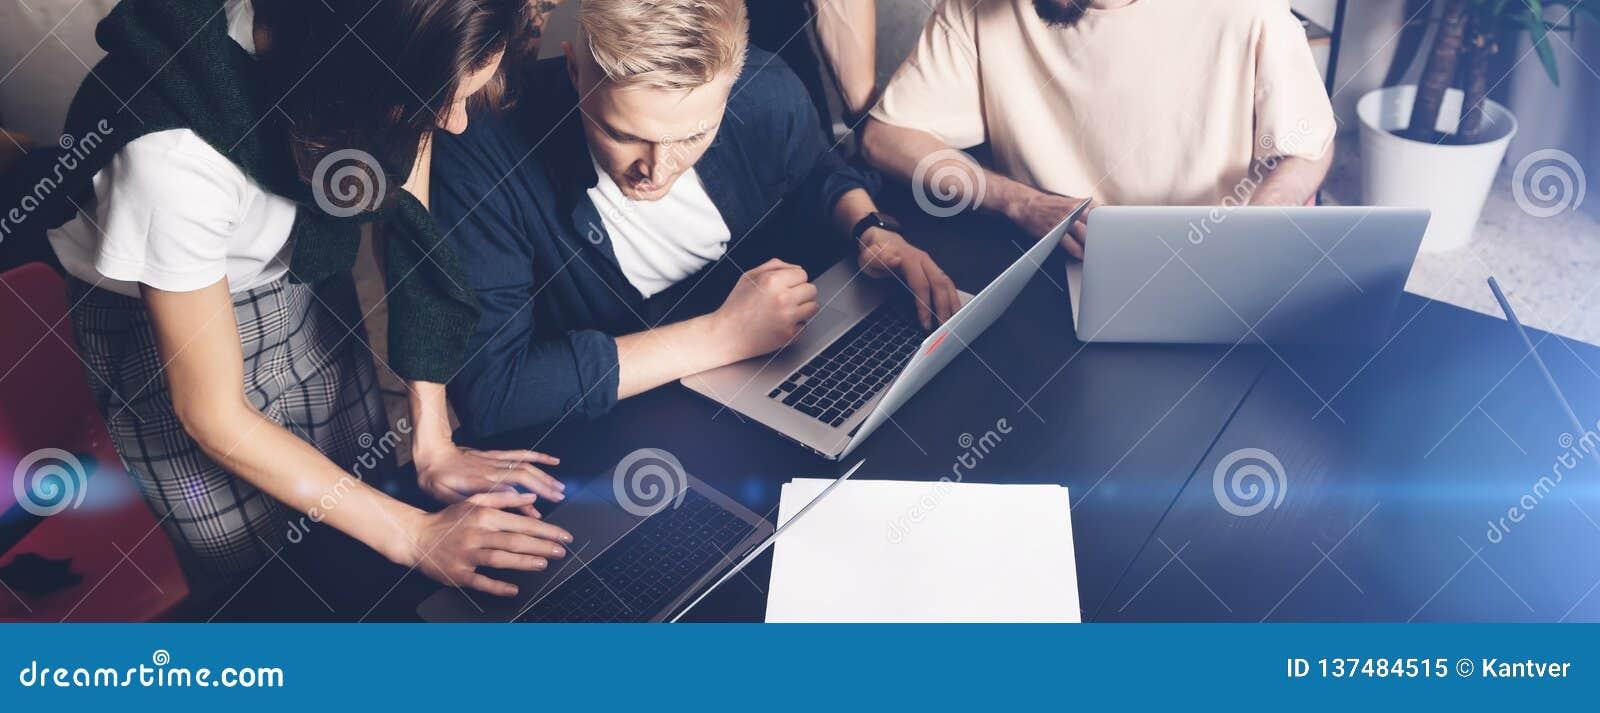 工友合作在工作 小组在创造性的办公室的时髦便衣的年轻商人 宽